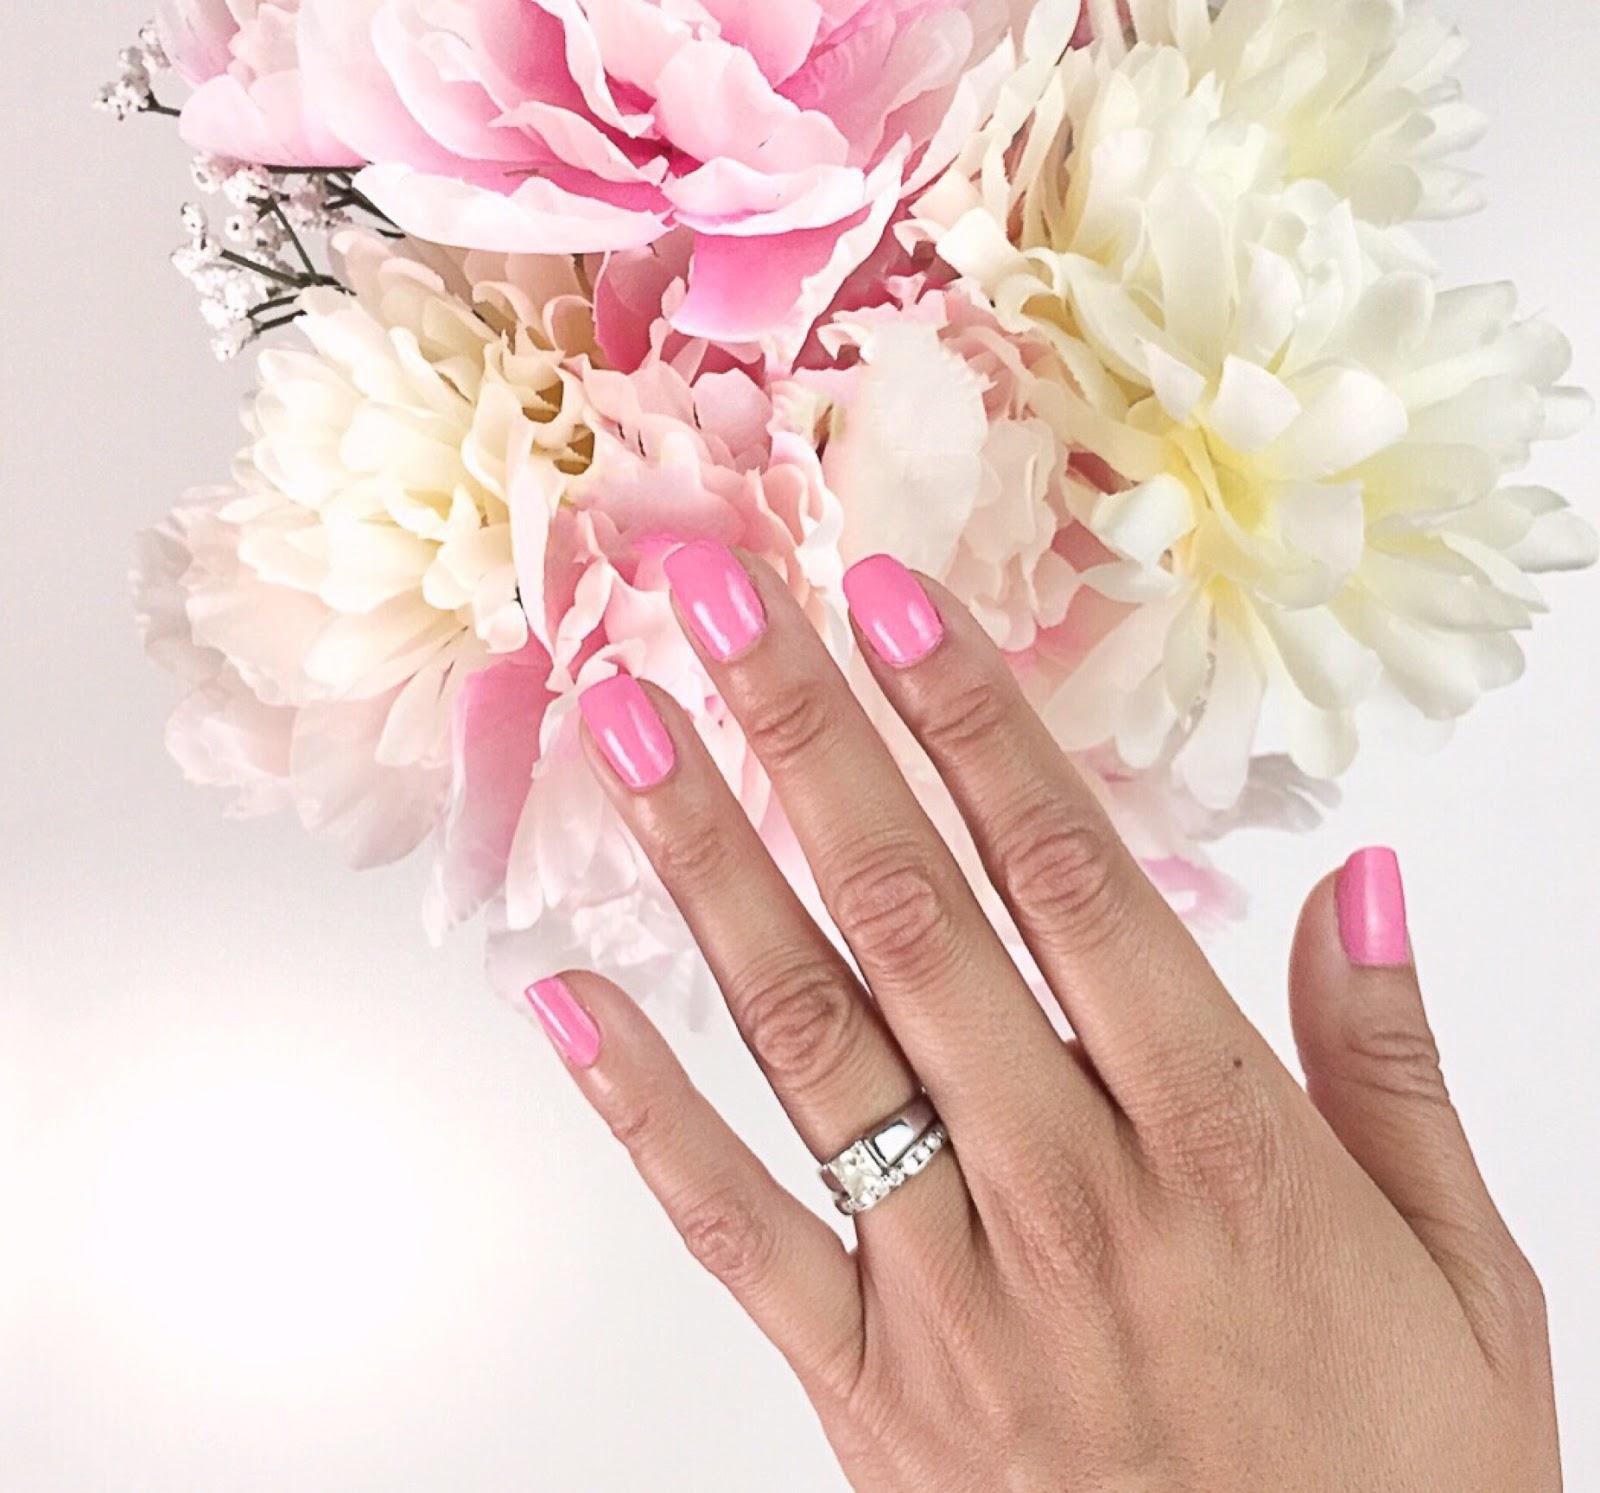 Pretty in Pink Manicure, Marilyn Monroe Spa San Diego, San Diego Manicure, San Diego Spa